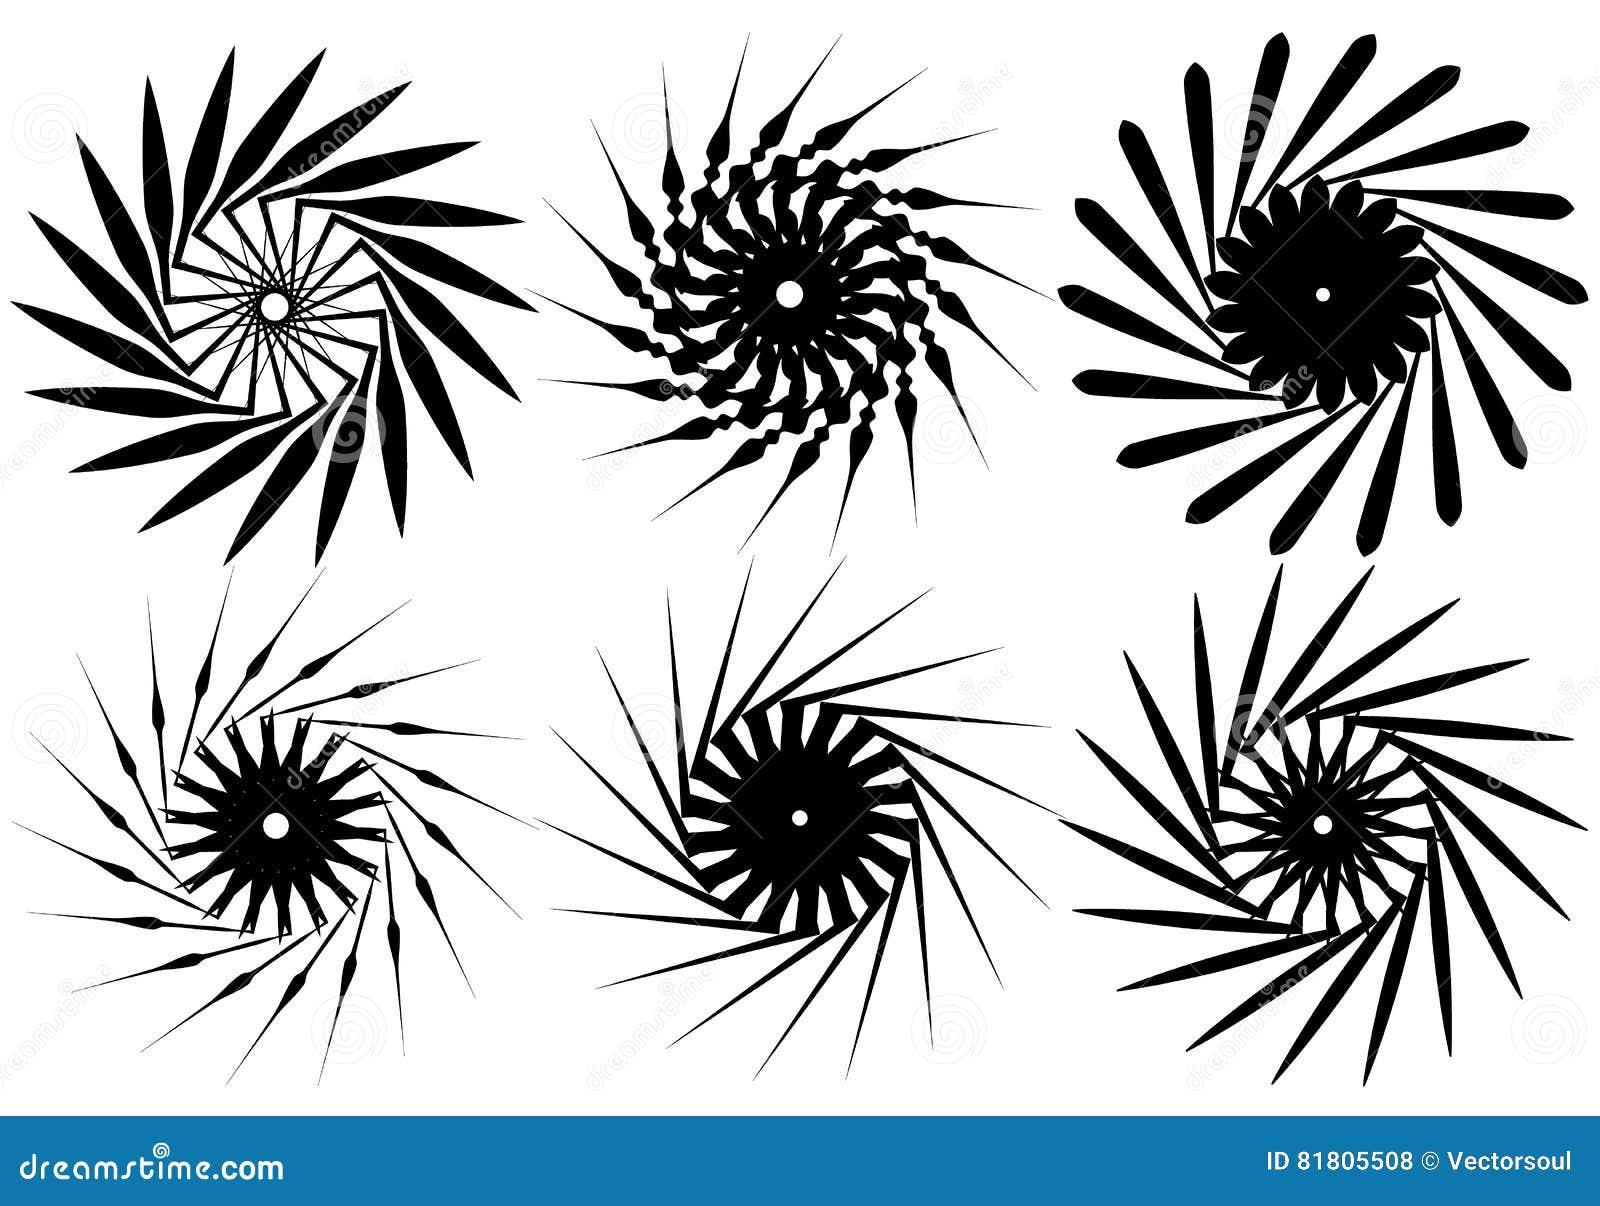 Комплект геометрического элемента 6 циркуляров Абстрактные формы геометрии